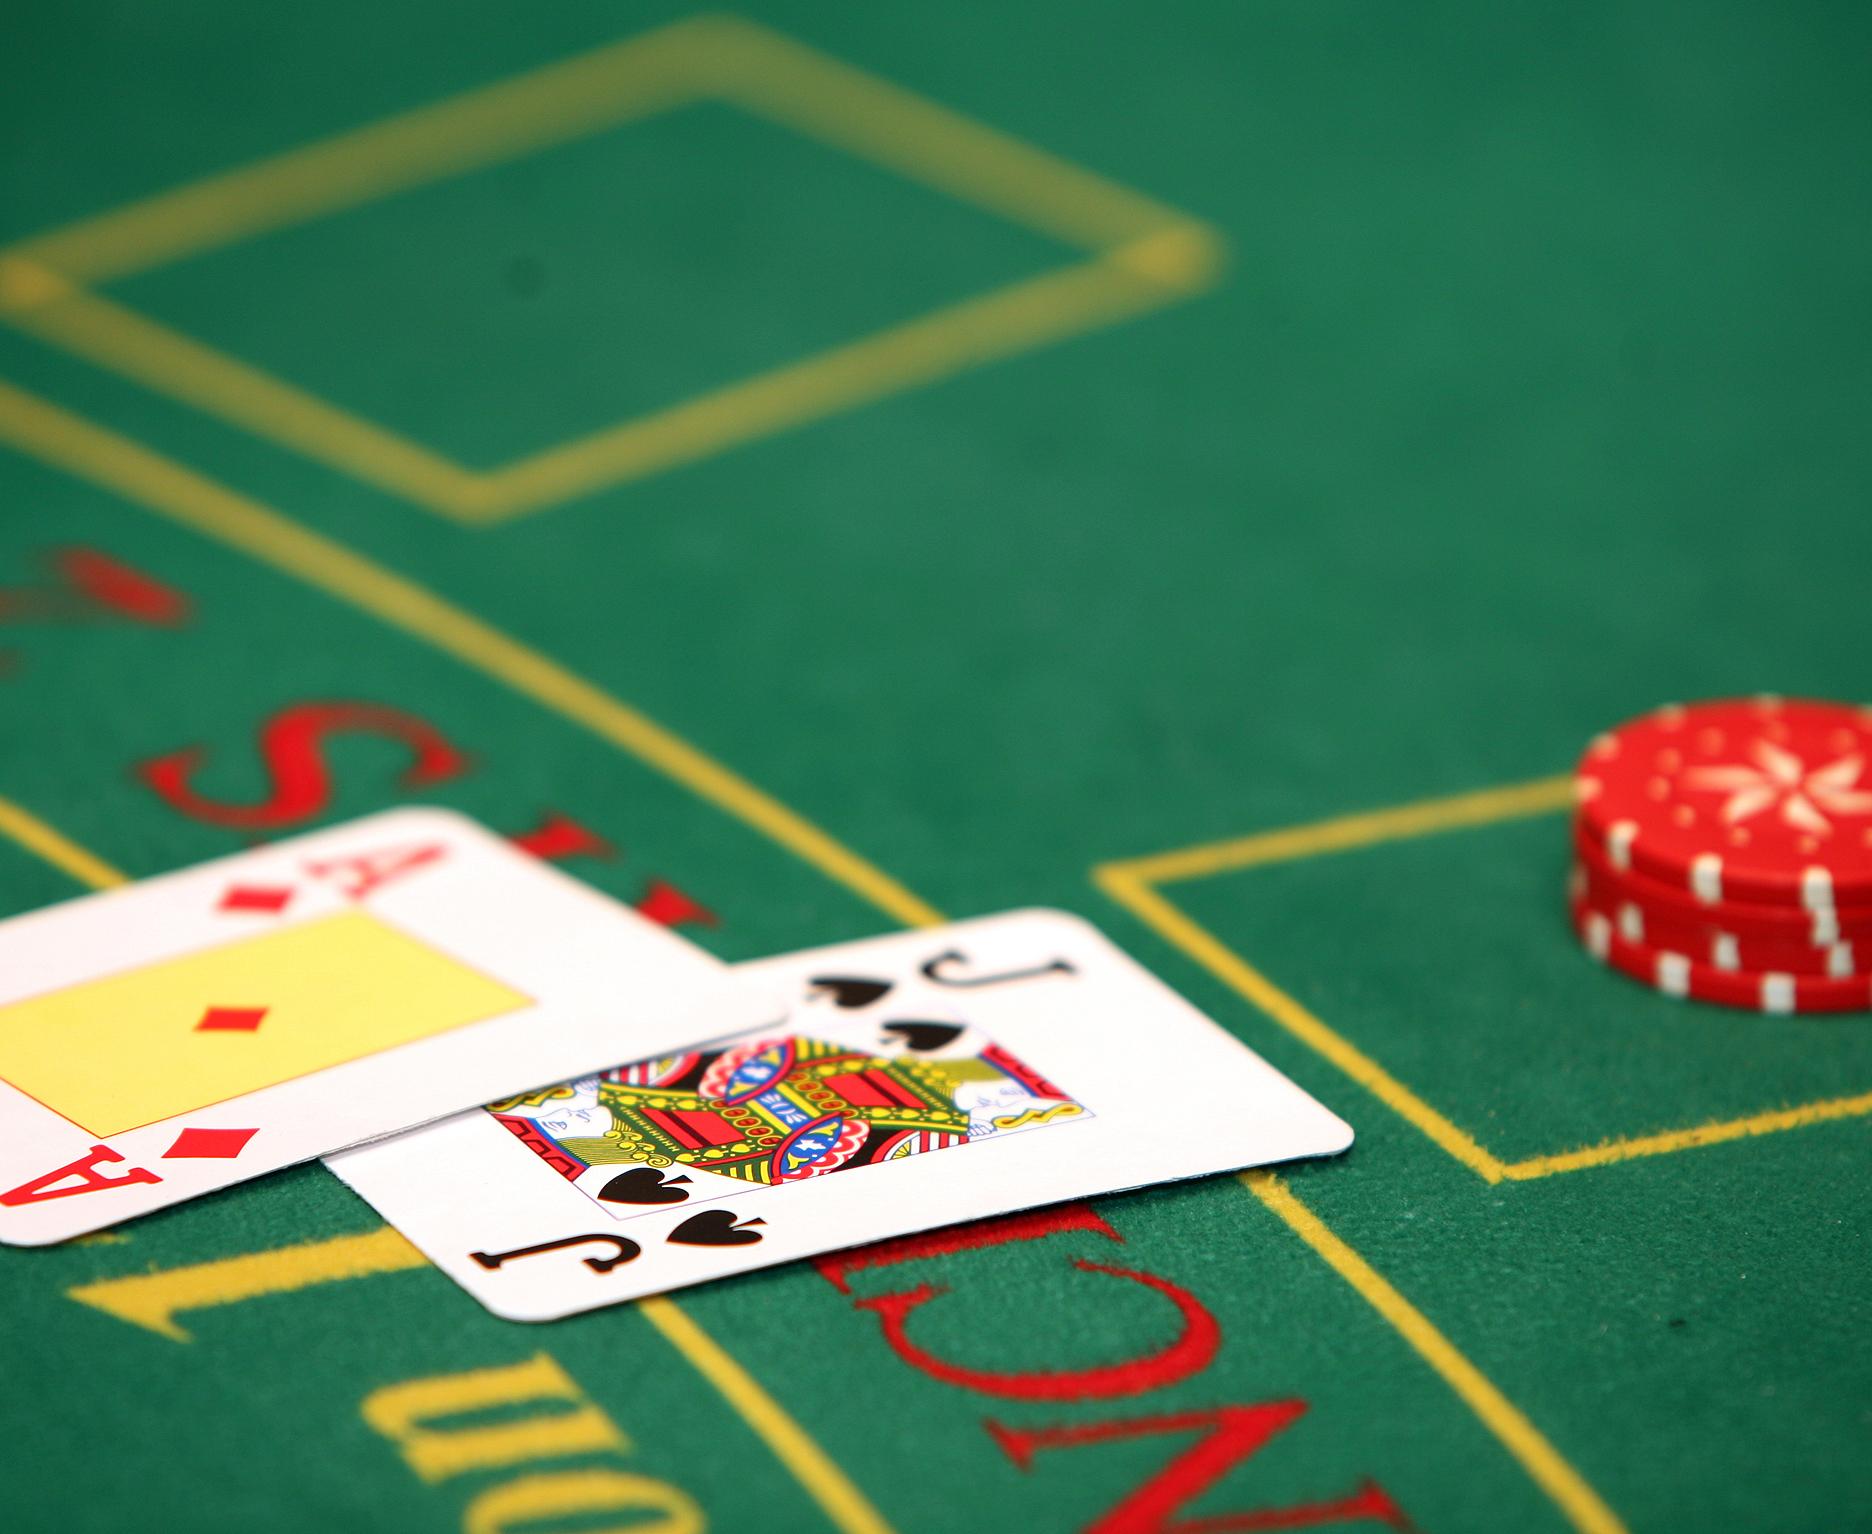 Lexique chanceux : Parlez-vous Blackjack?